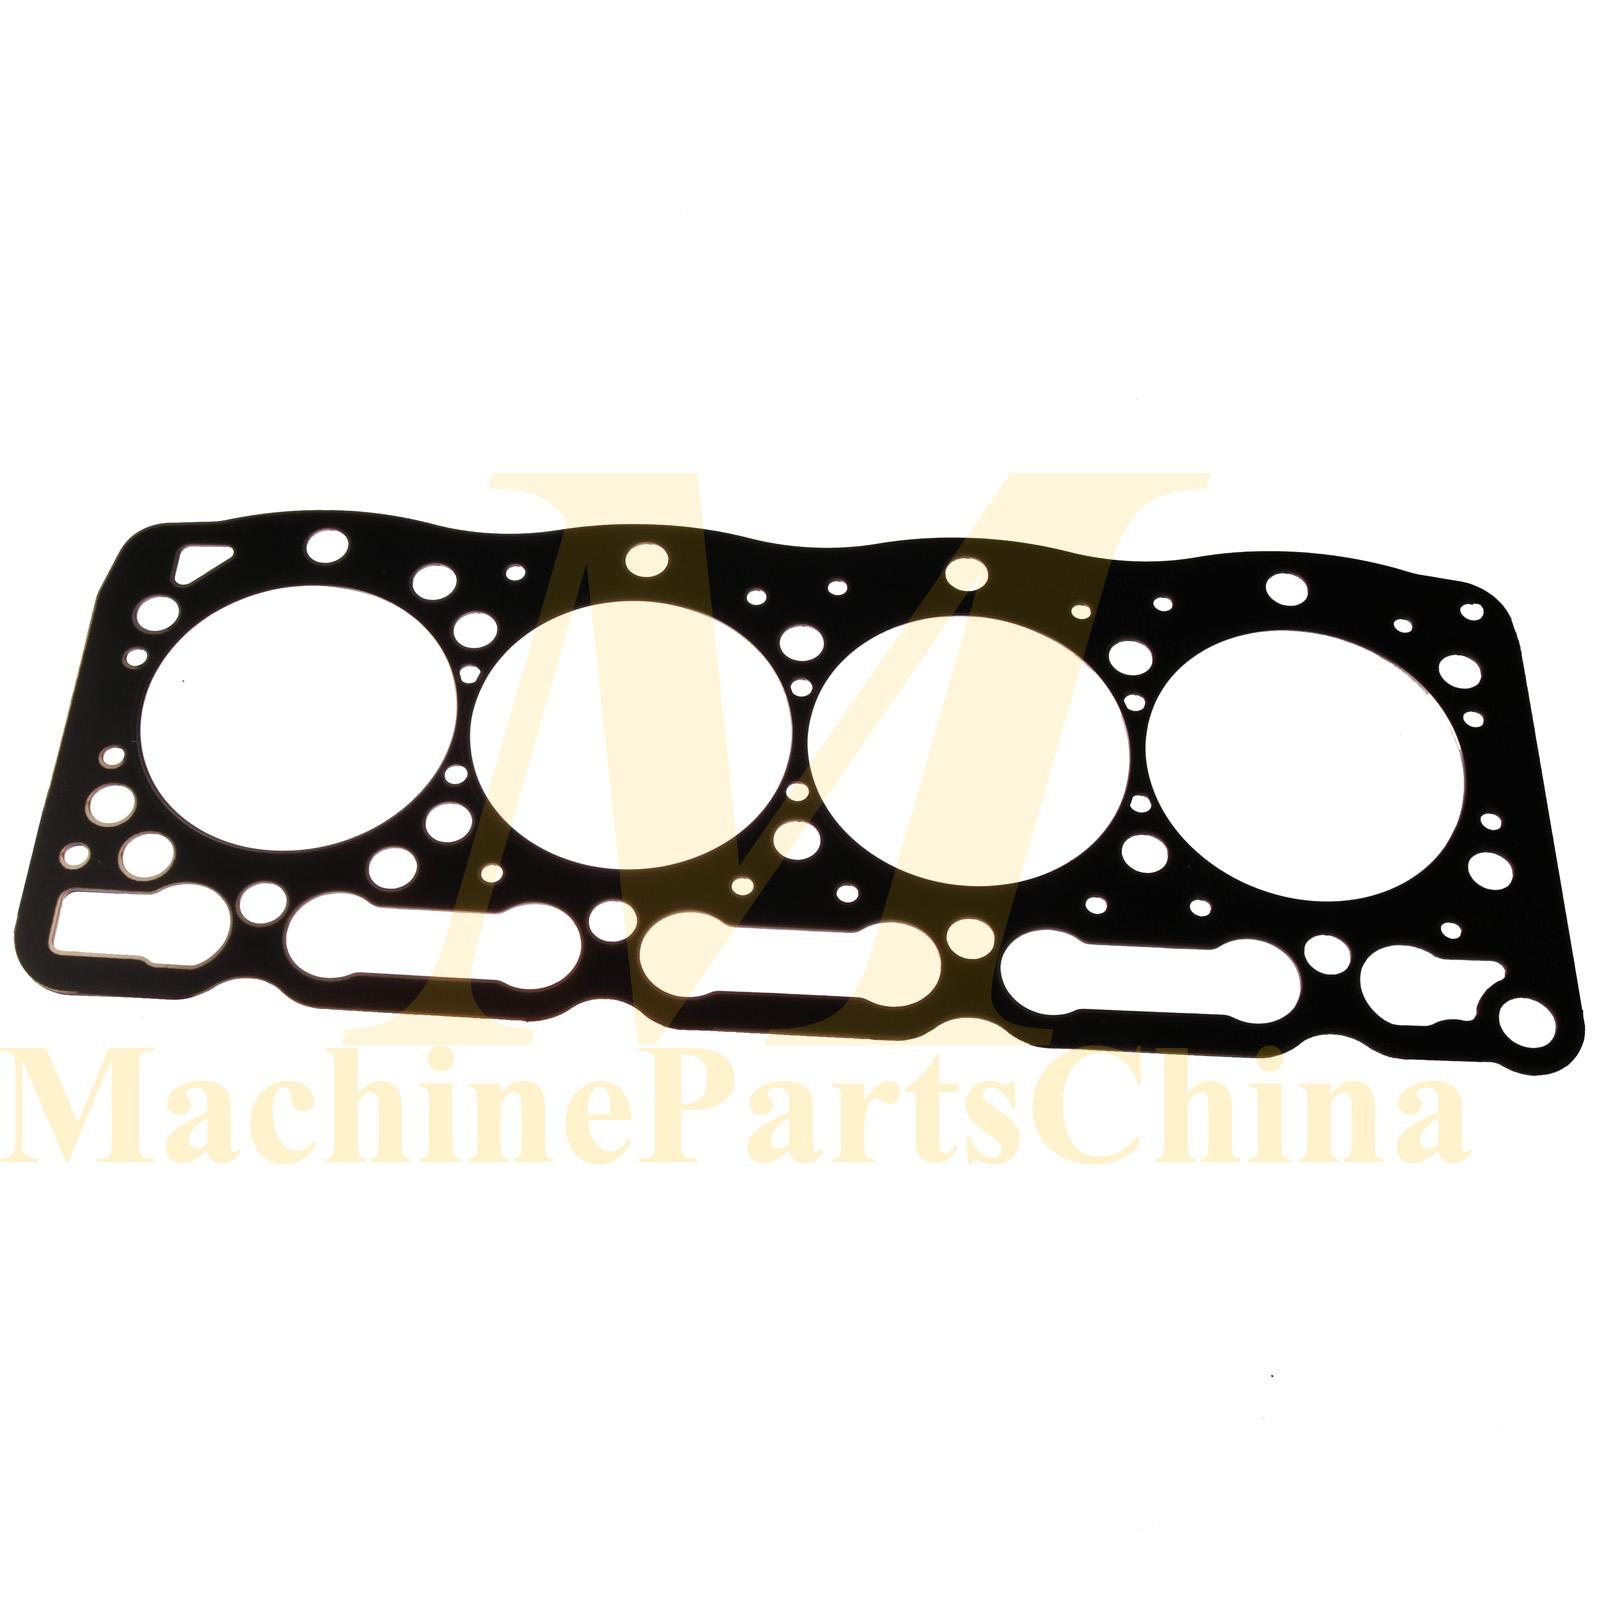 V1305 16271-03310 Full Gasket Set With Cylinder Head Gasket For Kubota